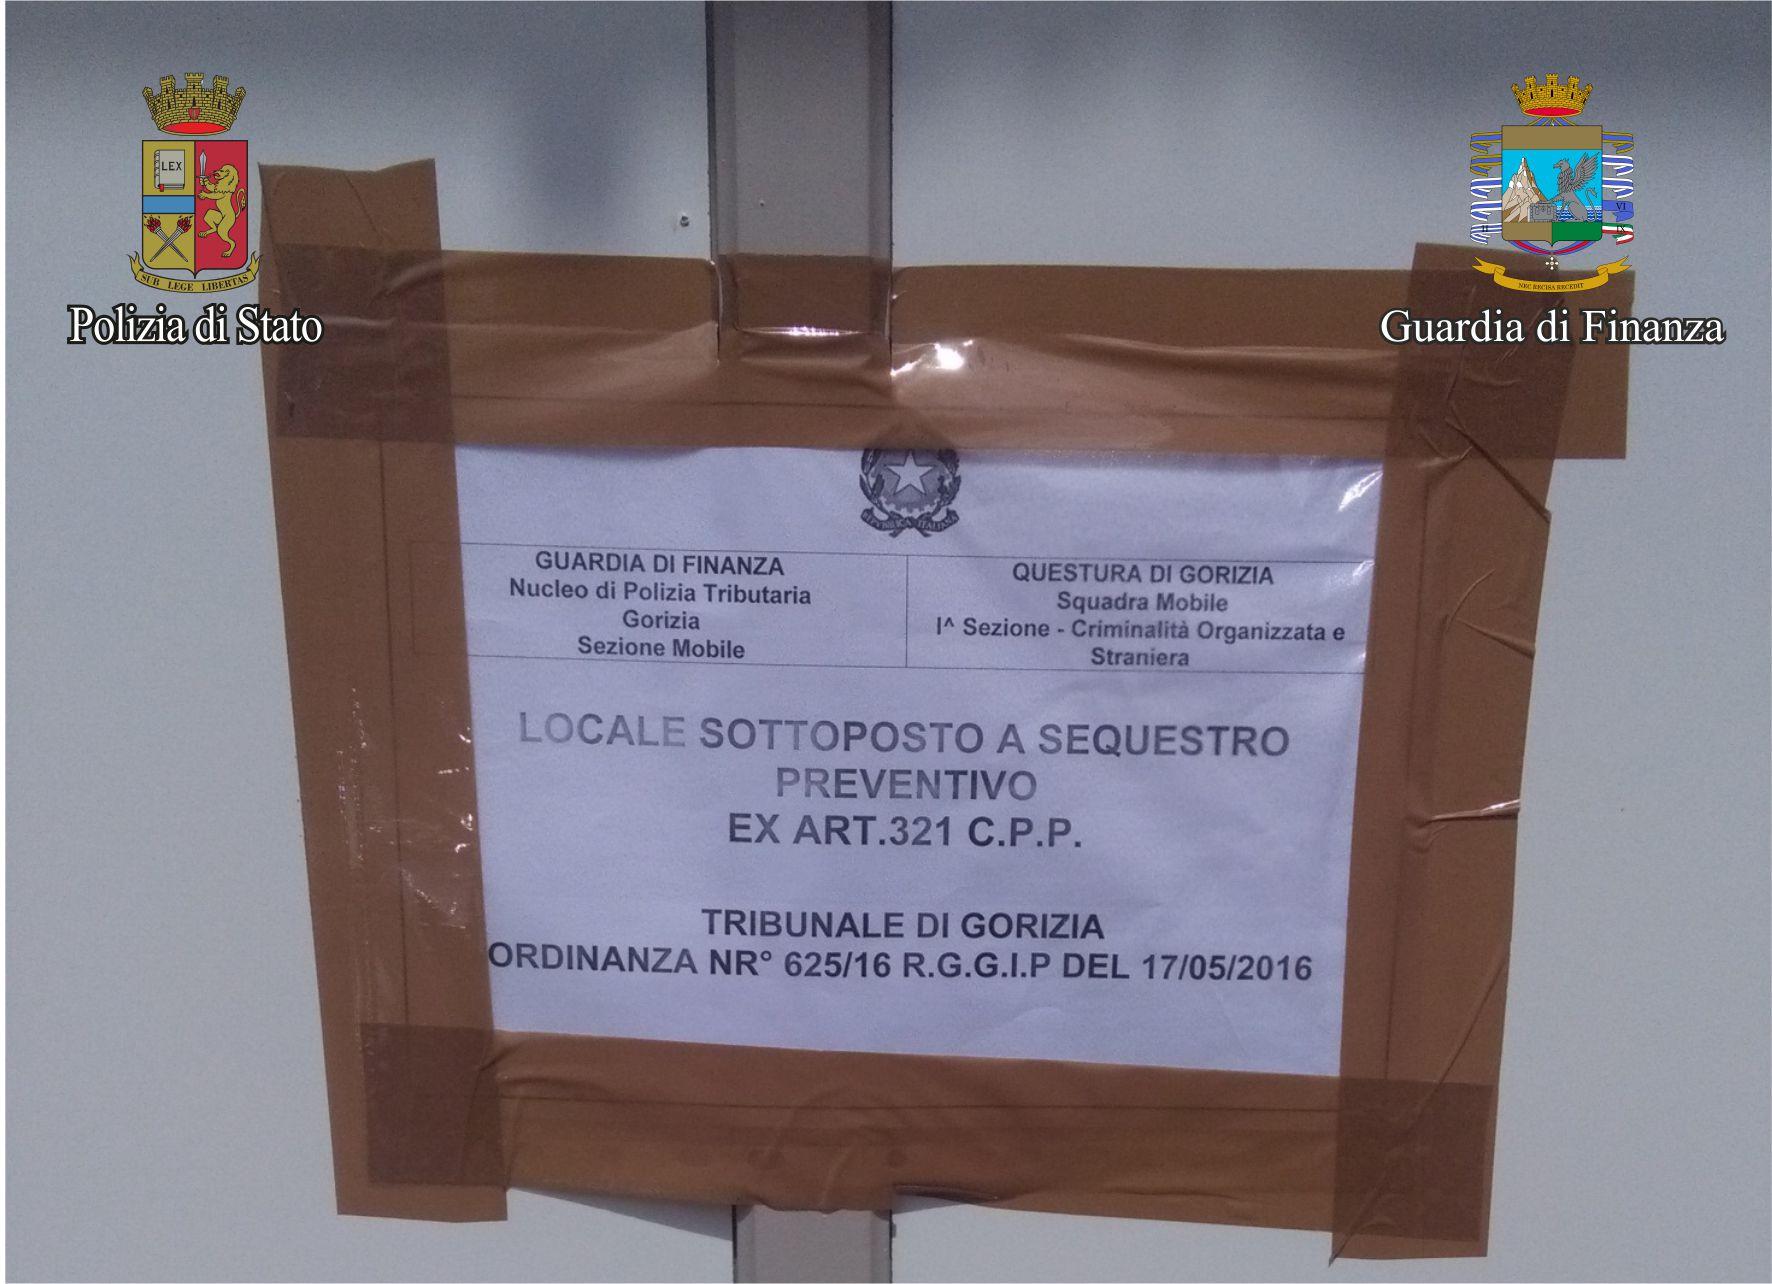 Ufficio Del Lavoro Gorizia : Prostituzione due arresti ed il sequestro dell immobile